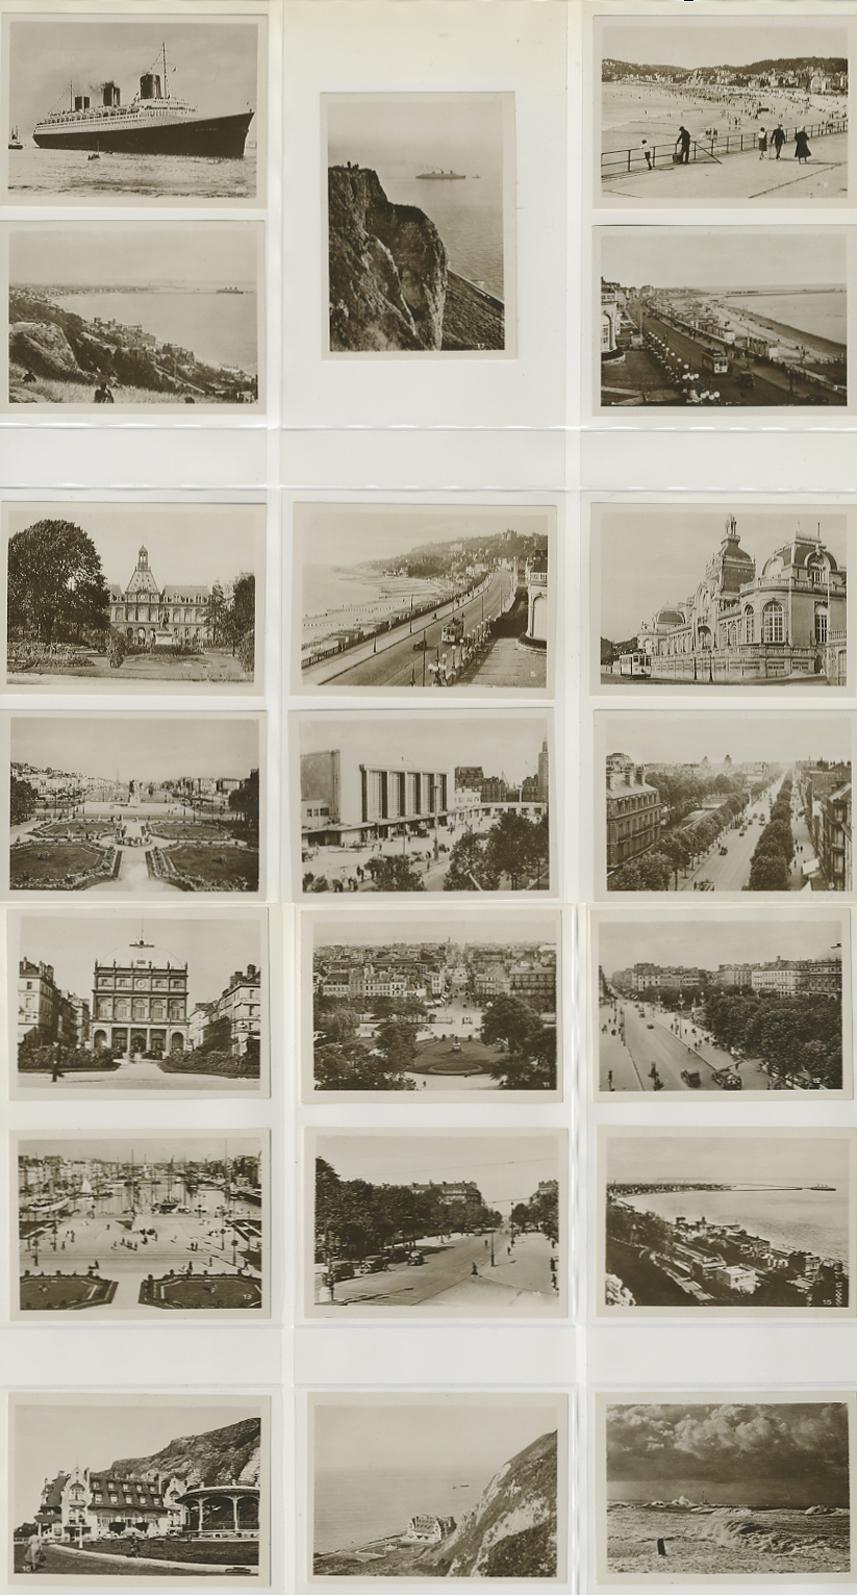 Paquebot Normandie - Carnet de photos petit format - Editeur : LA CIGOGNE - PHOTOS 1 A 20